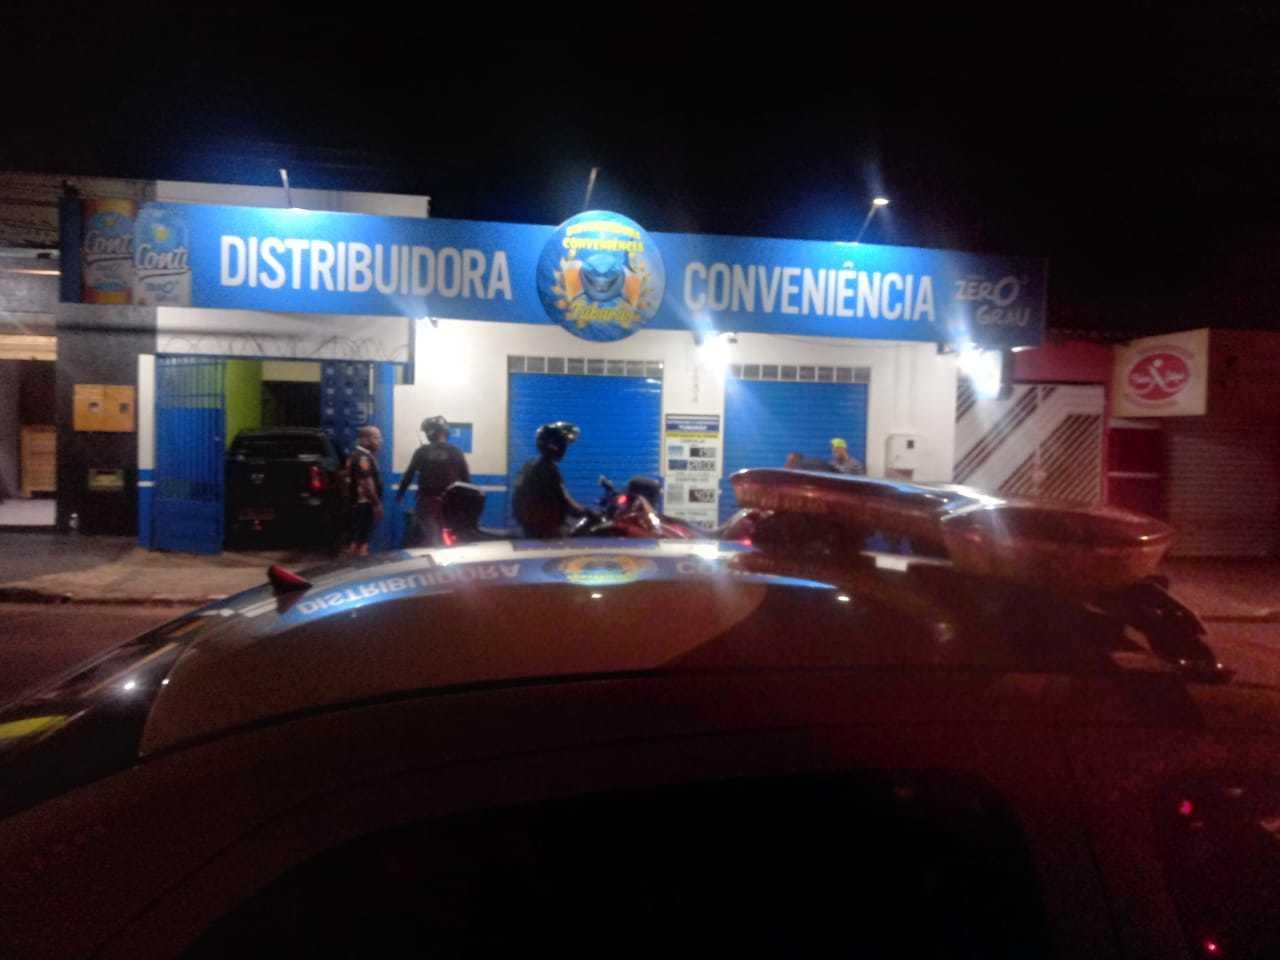 Guarda Civil Metropolitana fez fiscalização em conveniência nesta madrugada (Foto: GM/Divulgação)